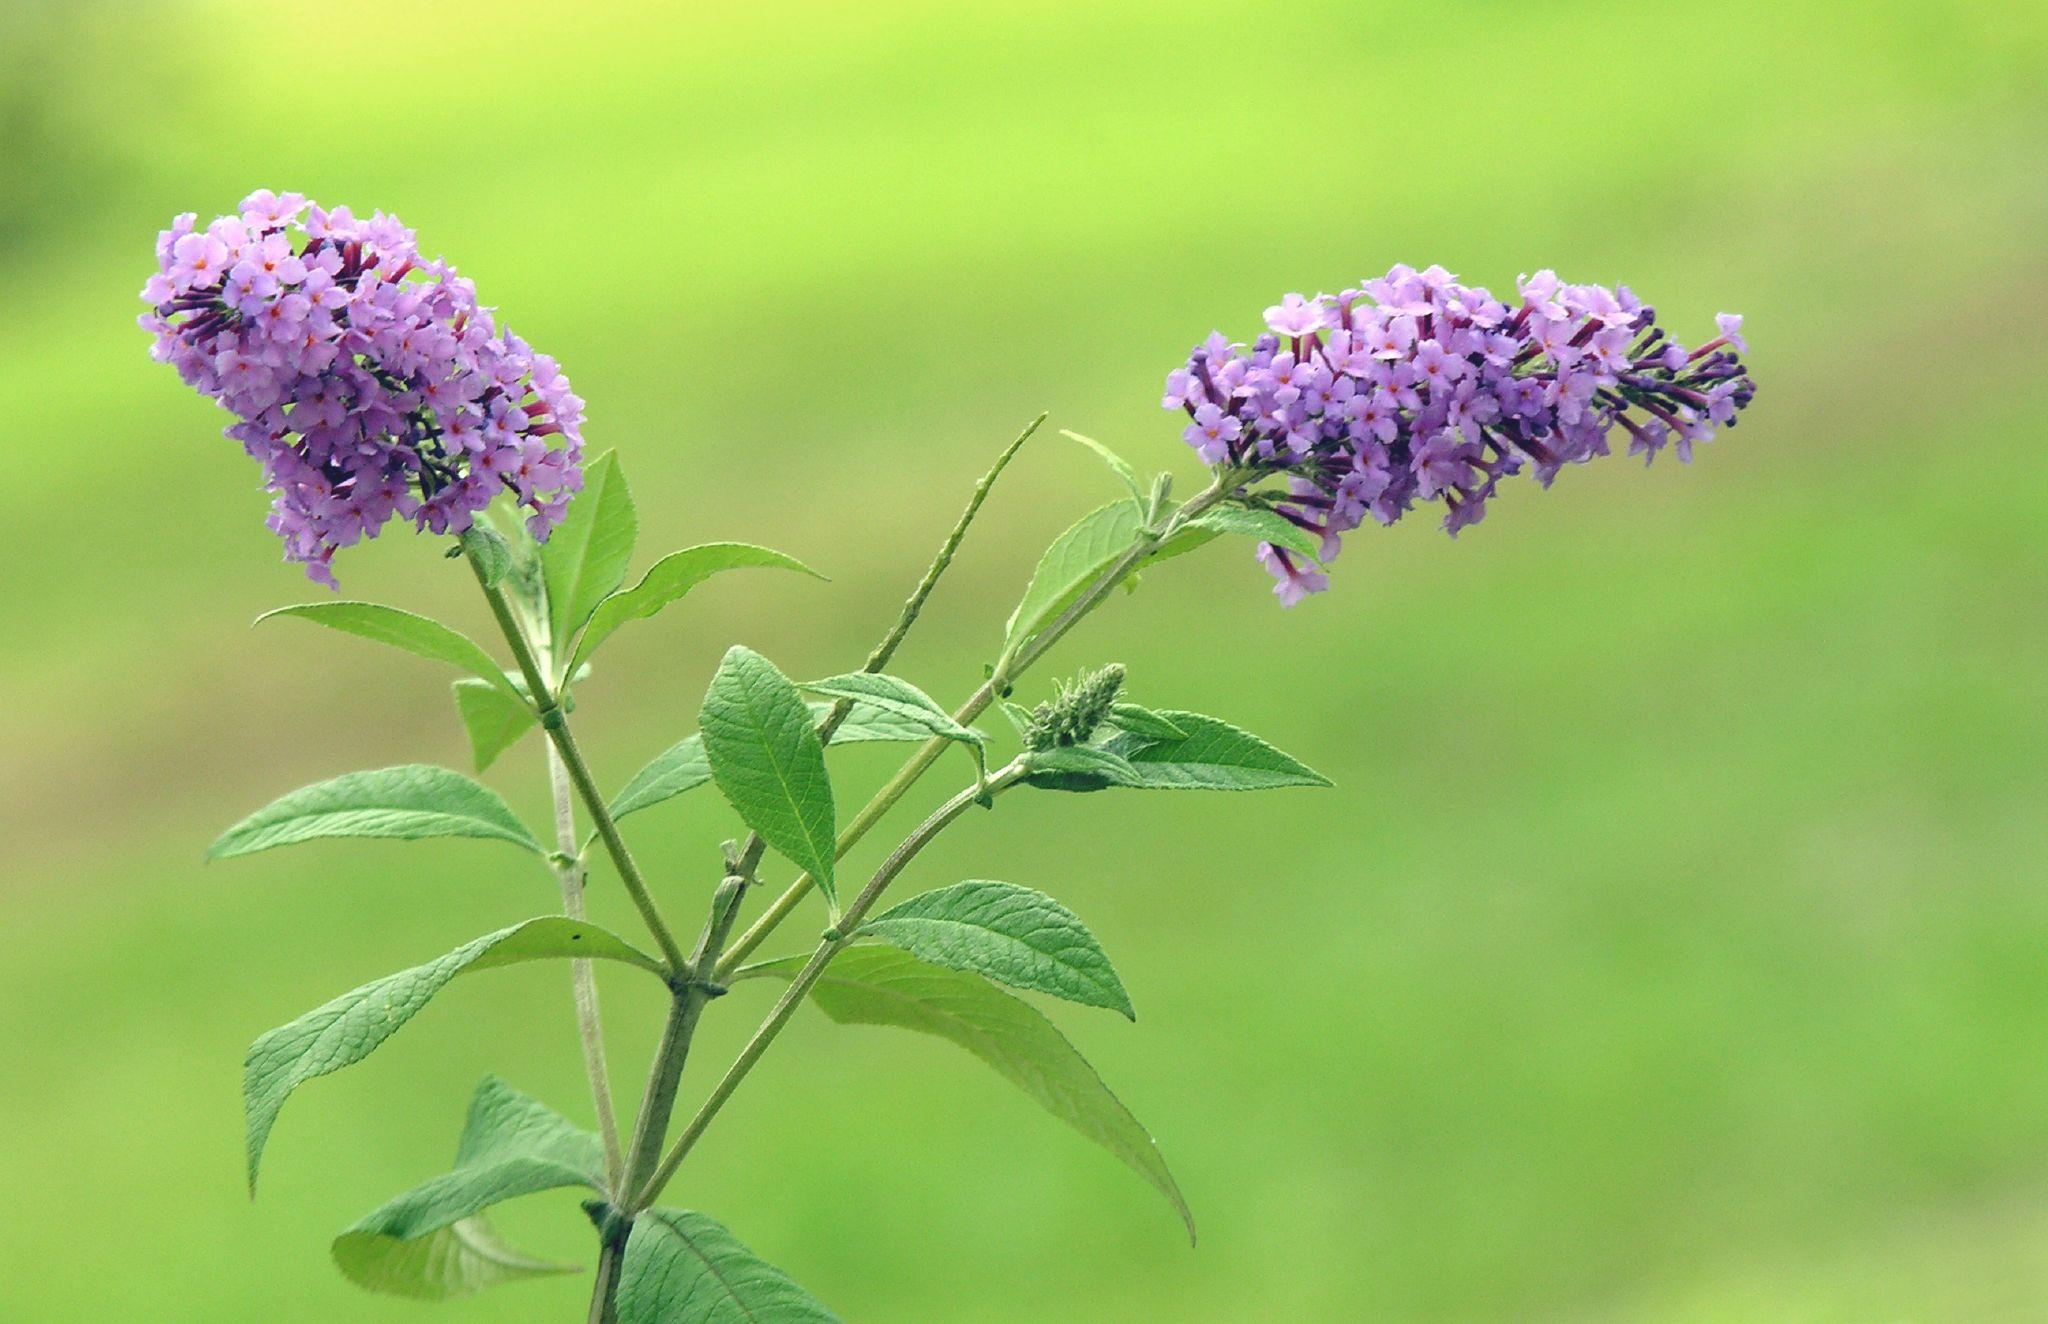 دم موشی قفایی - گلهای مناسب برای باغچه